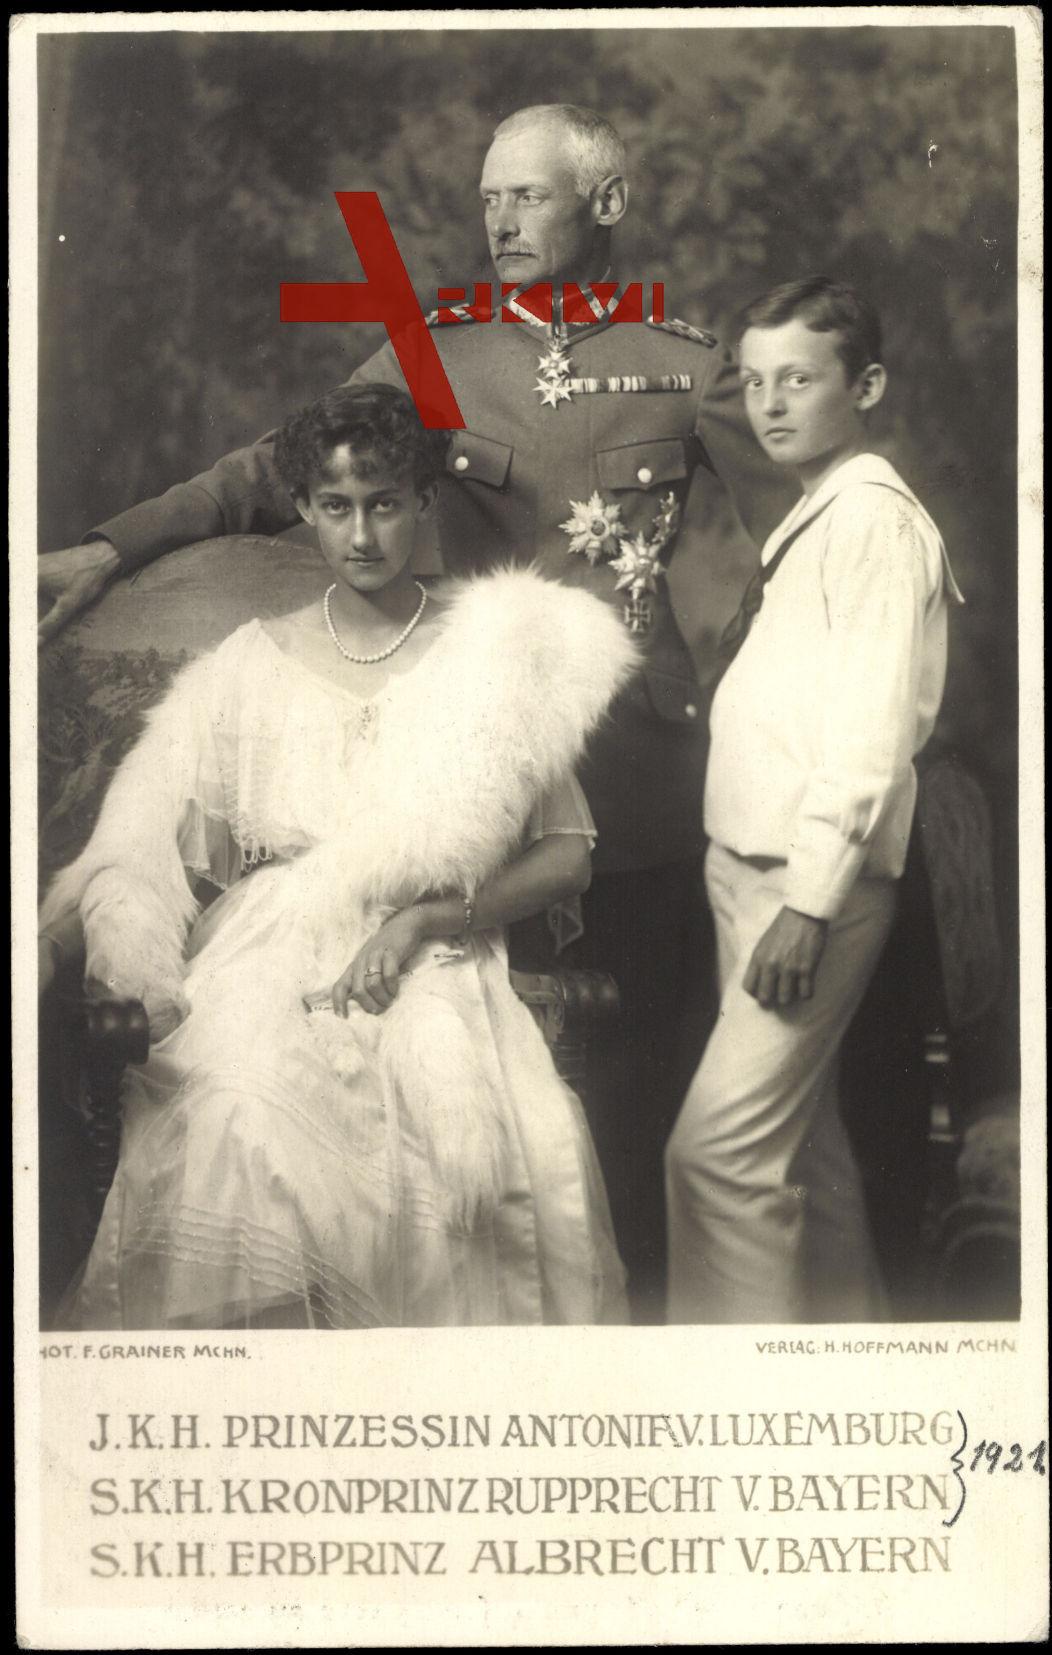 Prinzessin Antonia v. Luxemburg, Kronprinz Rupprecht, Erbprinz Albrecht